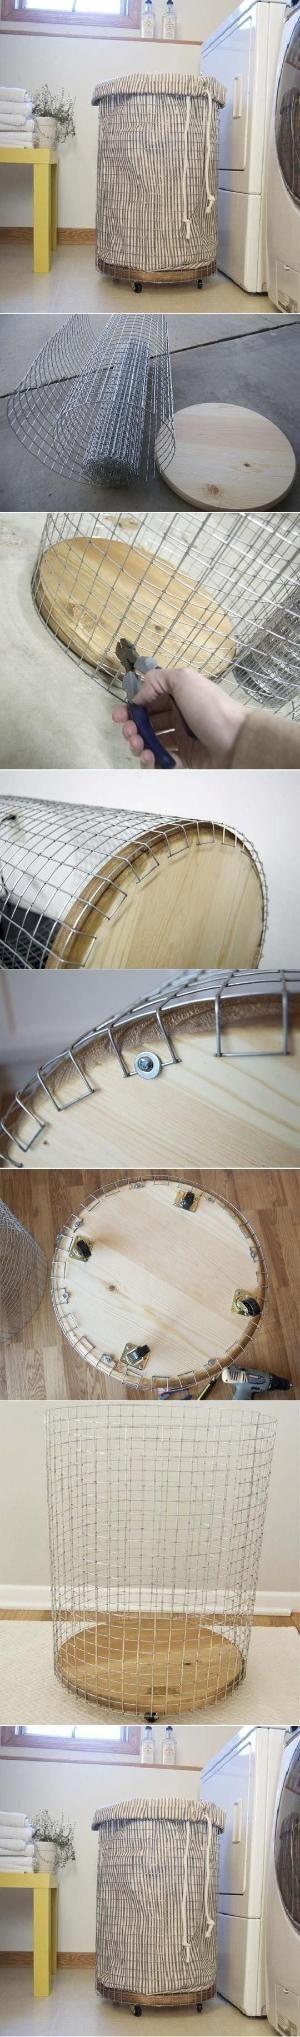 DIY Easy Laundry Basket by fennirose